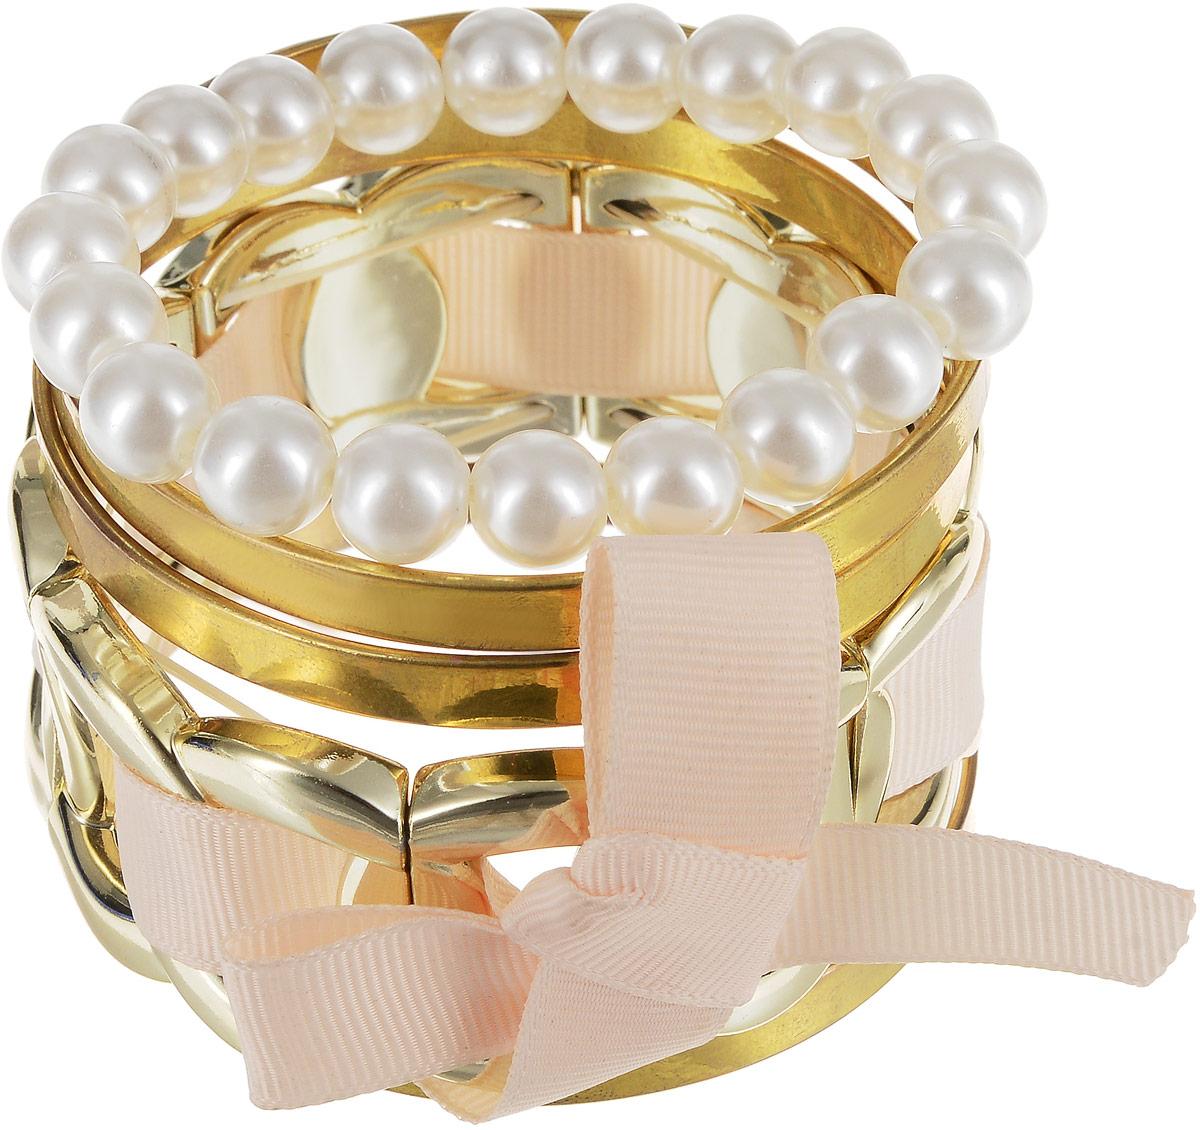 Браслет Art-Silver, цвет: золотой. 05806559-332Глидерный браслетВосхитительный браслет Art-Silver выполнен из бижутерного сплава. Изделие состоит из нескольких разных декоративных элементов.Стильный браслет Art-Silver поможет дополнить любой образ и привнести в него завершающий яркий штрих.